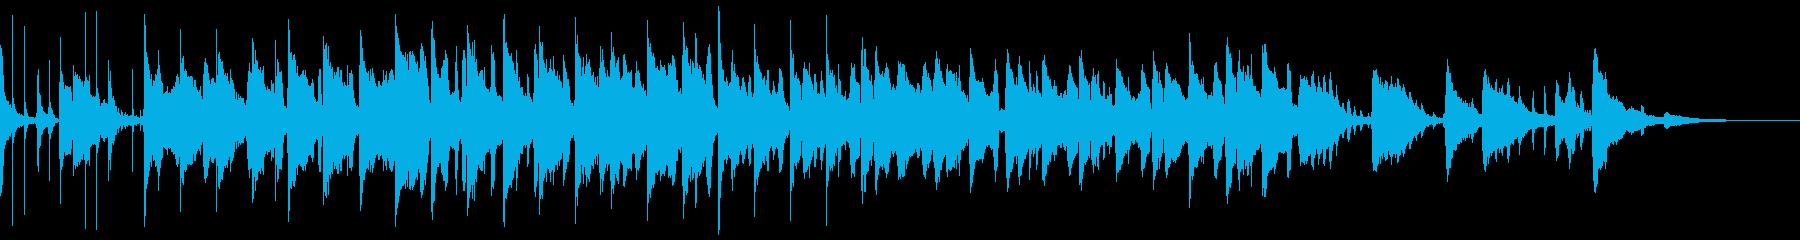 アコーディオンの音とワルツの雰囲気...の再生済みの波形